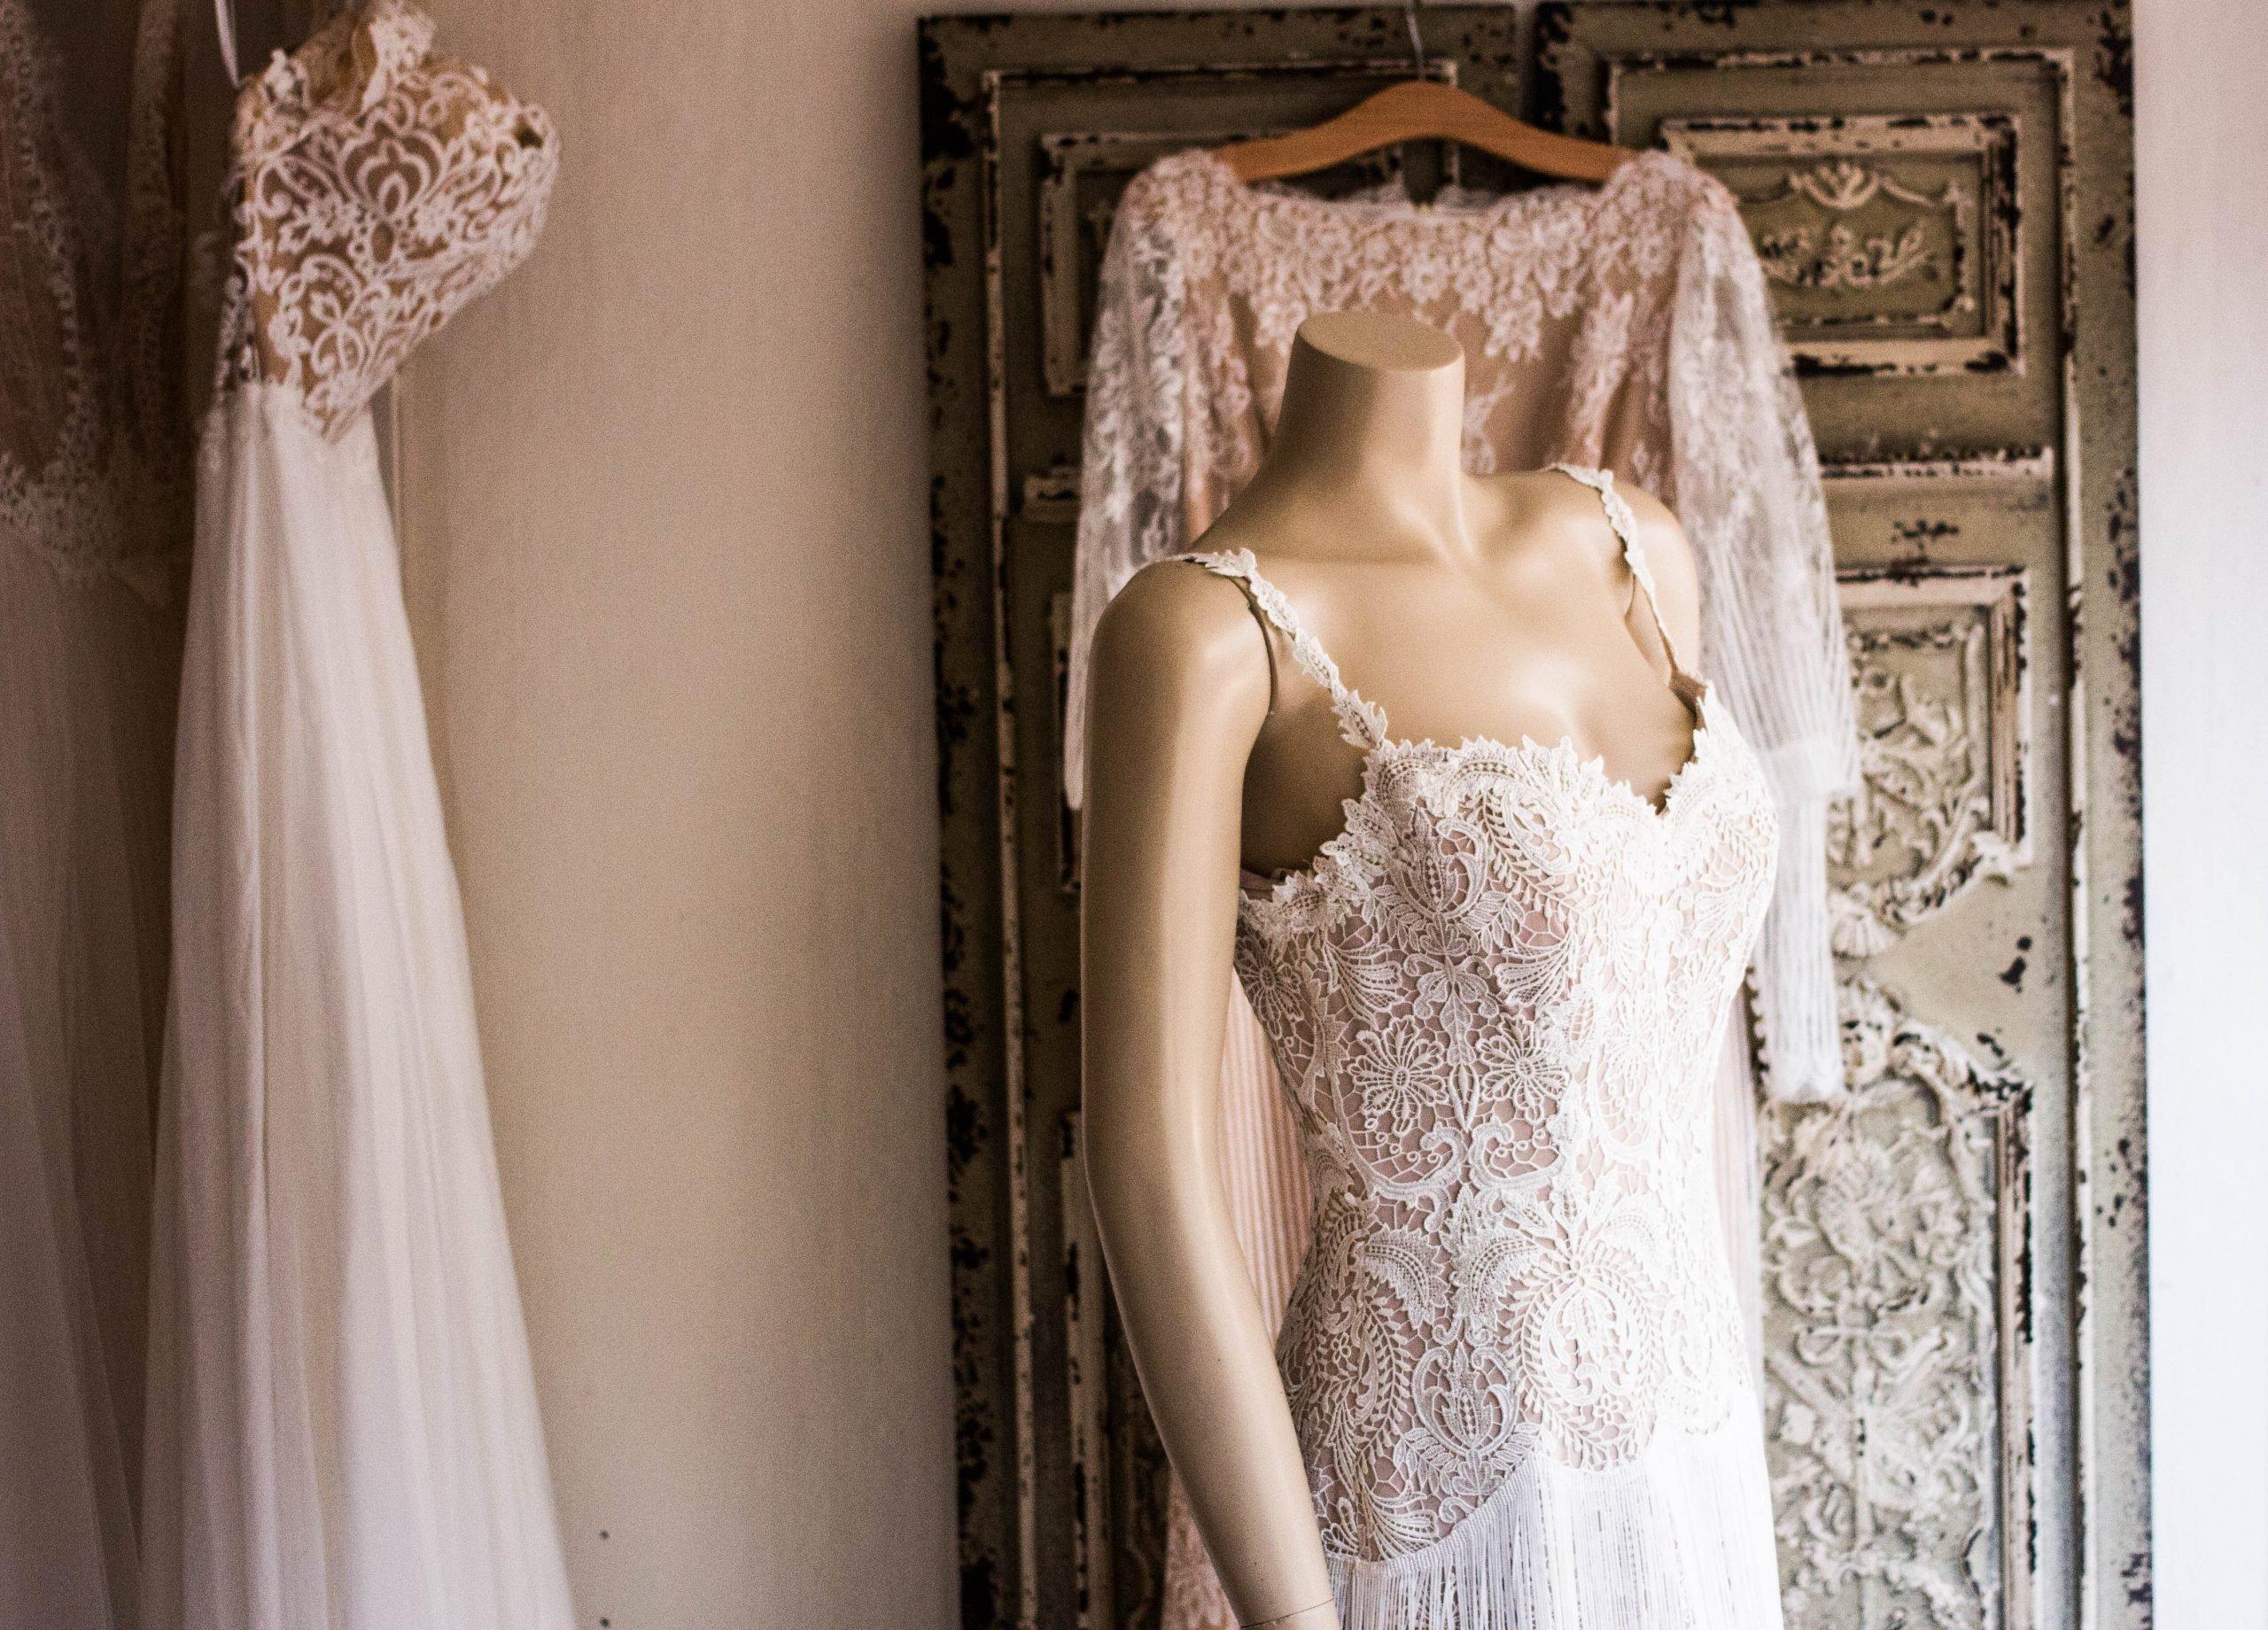 A wedding dress on a mannequin